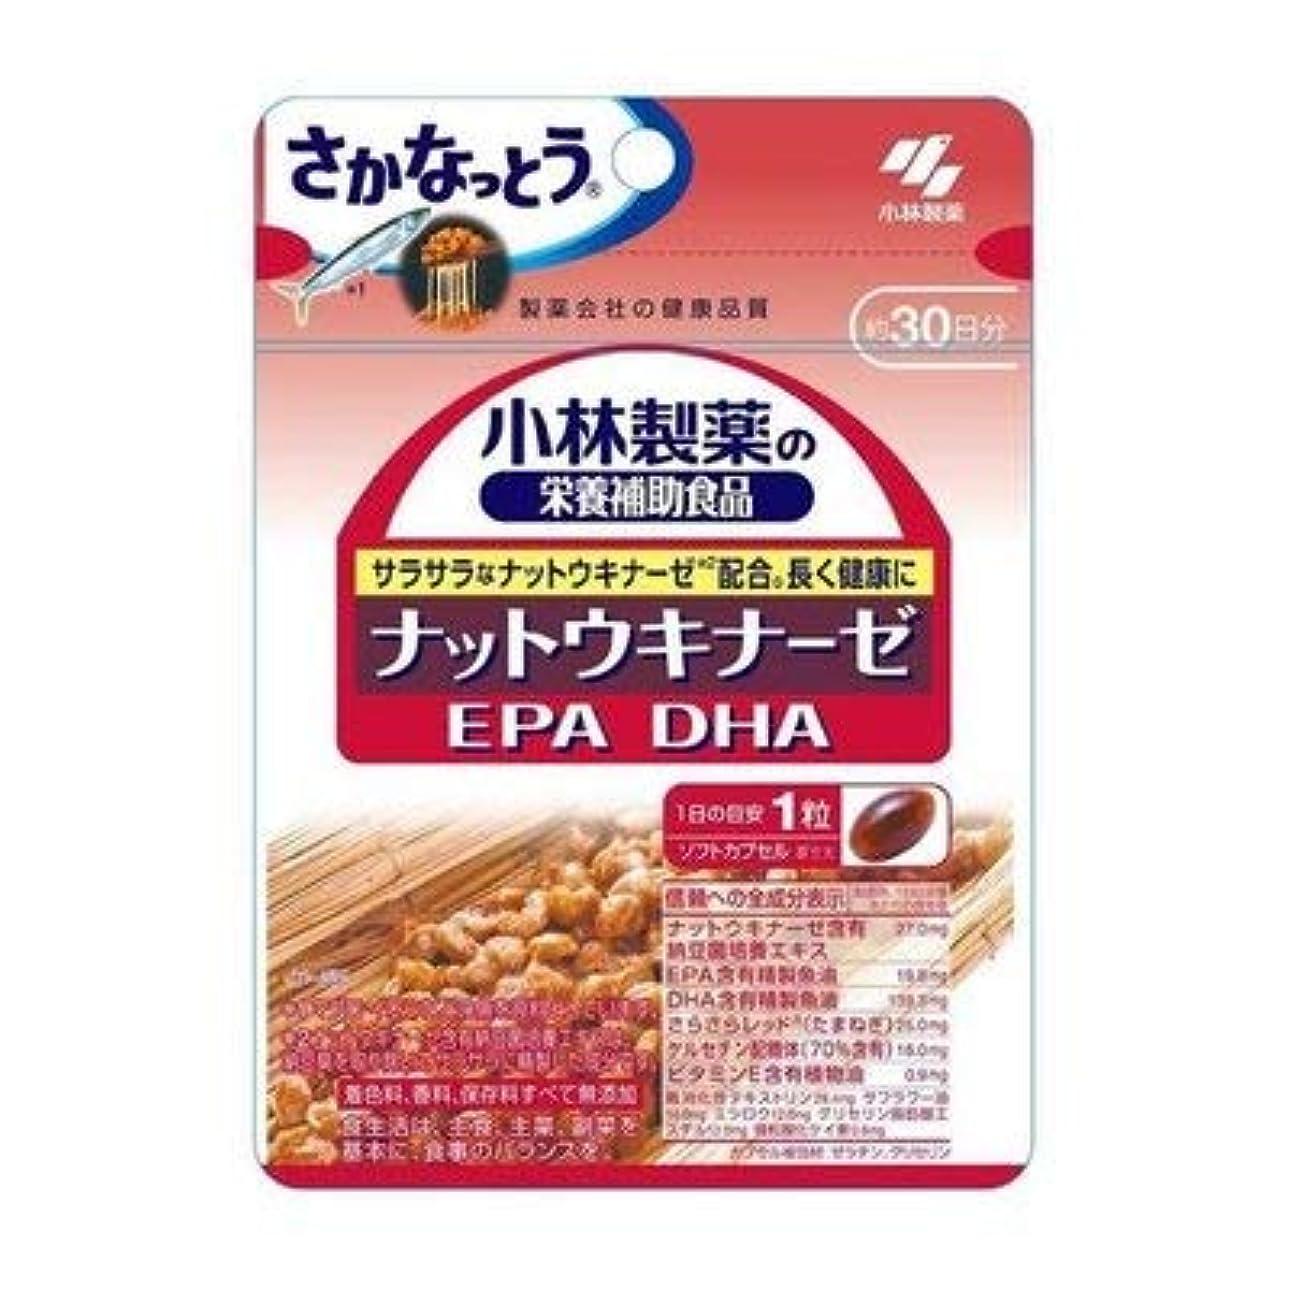 雪の会社翻訳者小林製薬の栄養補助食品 ナットウキナーゼ?DHA?EPA 30粒(約30日分) 4セット